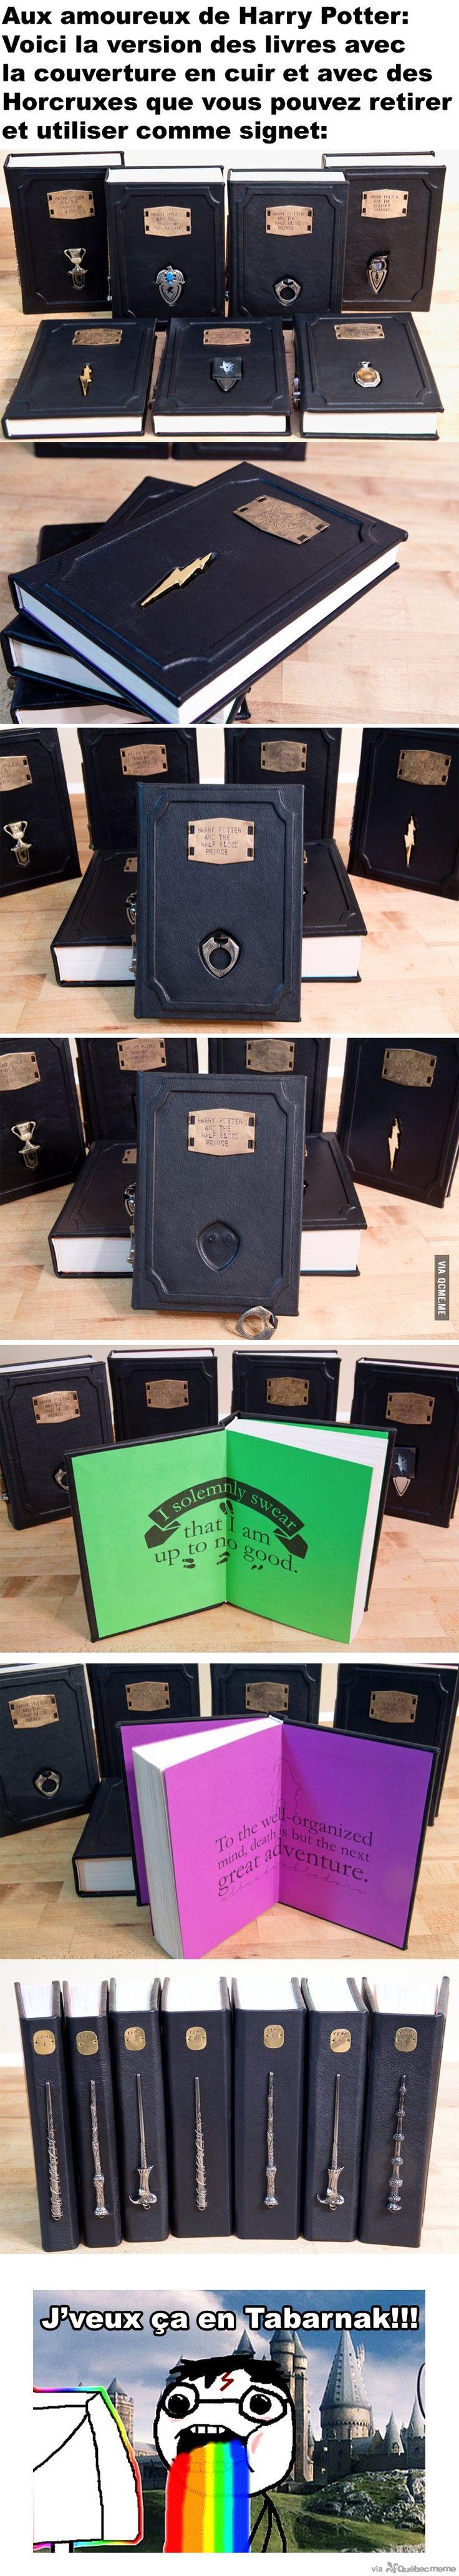 Livres de Harry Potter en cuir avec Horcruxes détachables qui s'utilisent comme signet – Québec Meme +